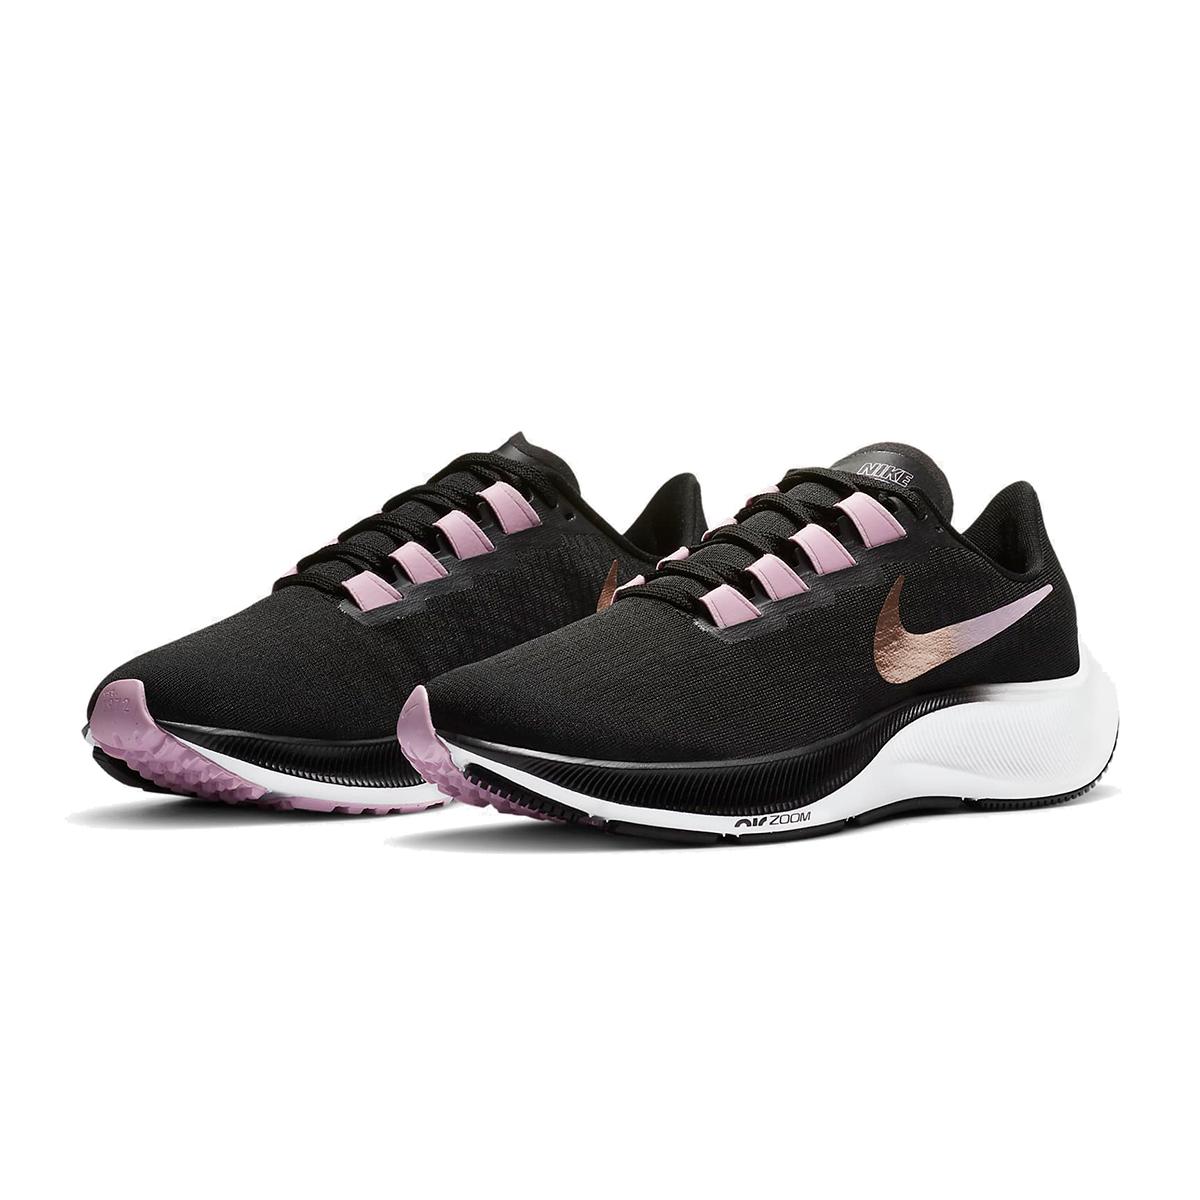 Women's Nike Air Zoom Pegasus 37 Running Shoe - Color: Black/Light Arctic Pink/White/Metallic Red Bronze - Size: 6 - Width: Regular, Black/Light Arctic Pink/White/Metallic Red Bronze, large, image 5